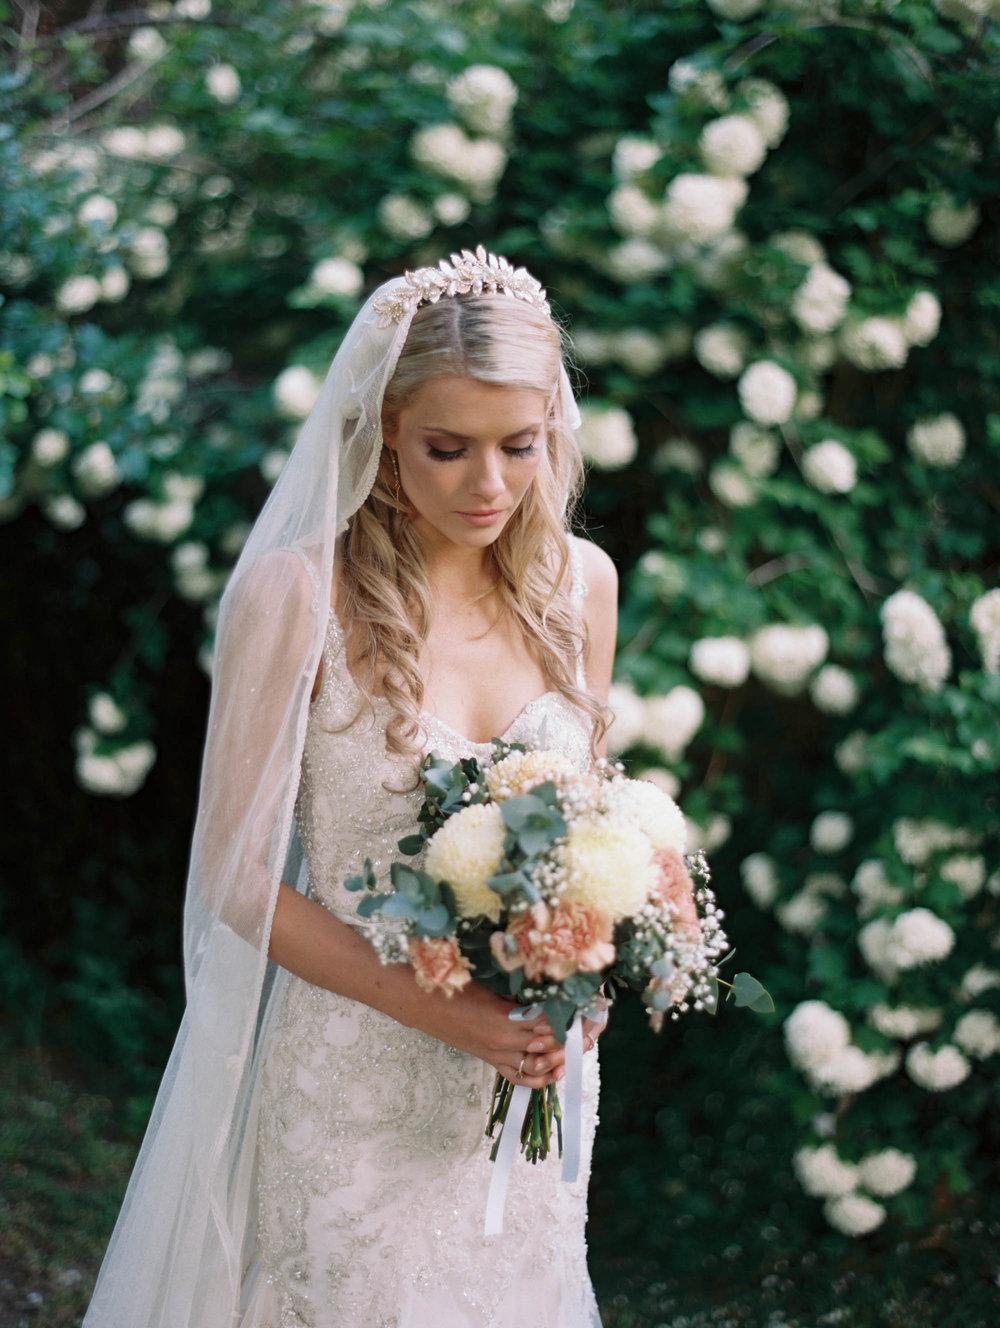 Whitehouse-hahndorf-wedding-photography-069.jpg